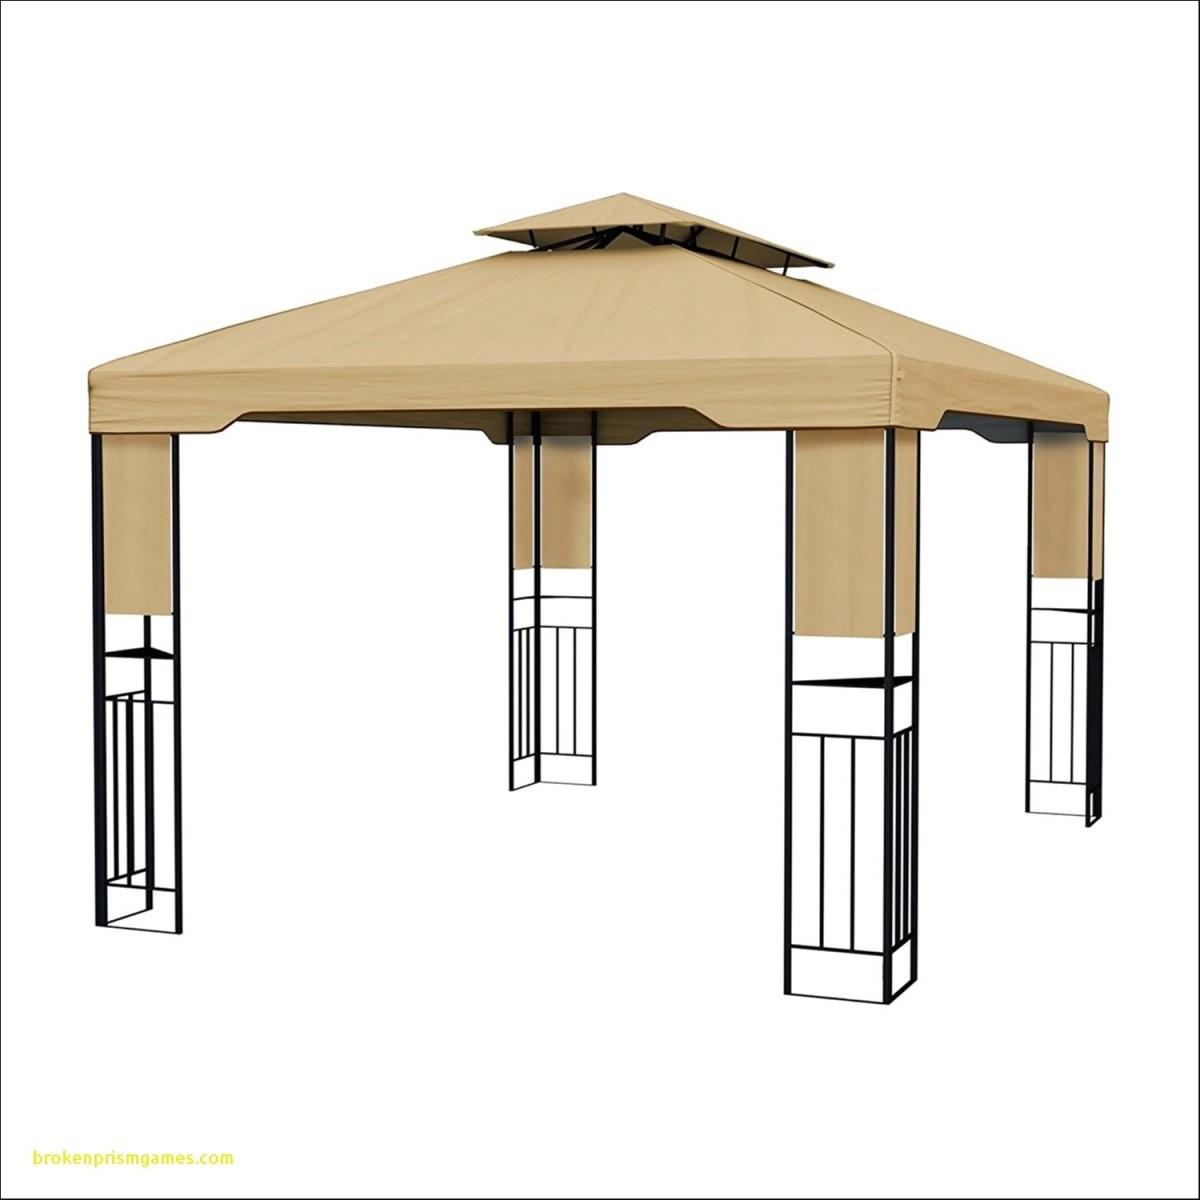 Pavillon 3X4 Wasserdicht Stabil Für Designideen Ersatzdach Pavillon 3X4 von Ersatzdach Pavillon 3X4 Wasserdicht Photo